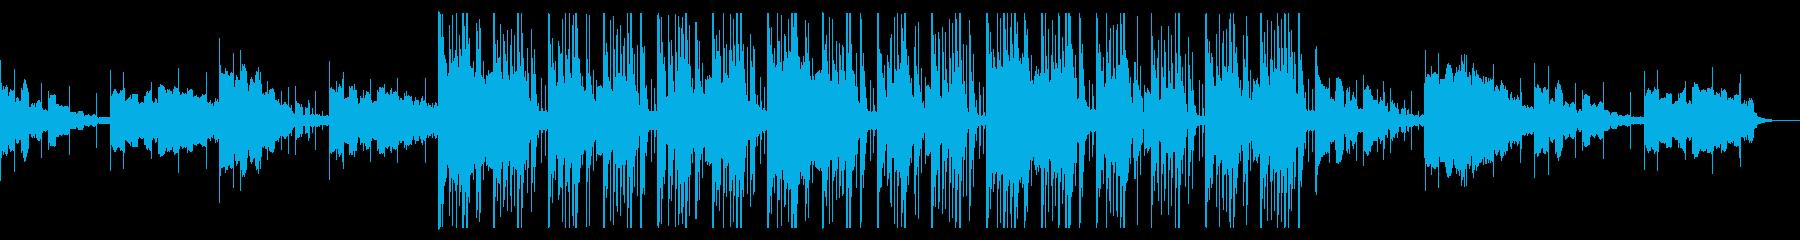 静かながら軽快さのあるポップスの再生済みの波形